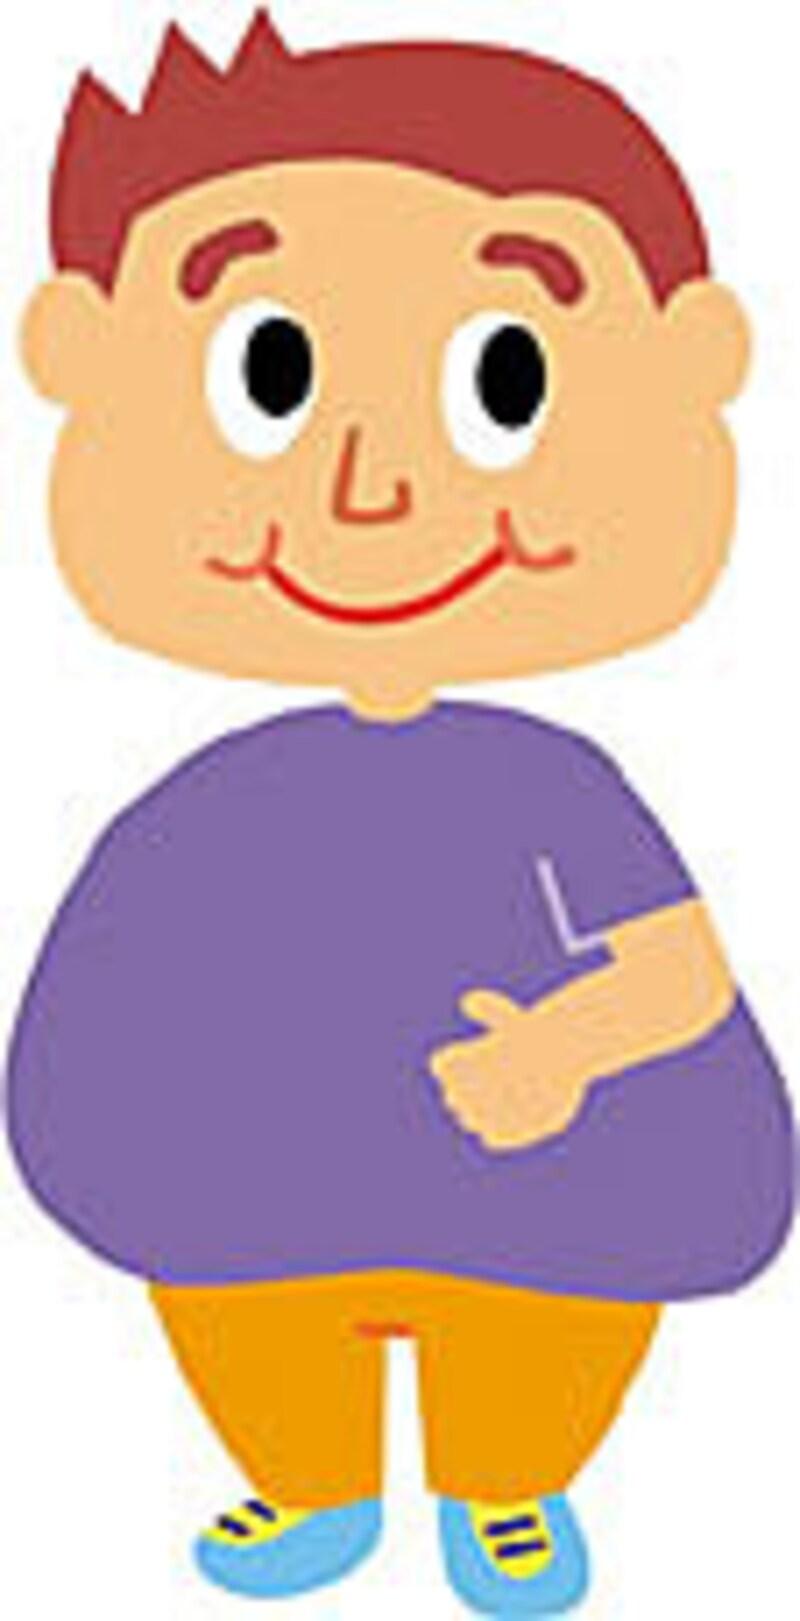 肥満、糖尿病の増加の原因は…